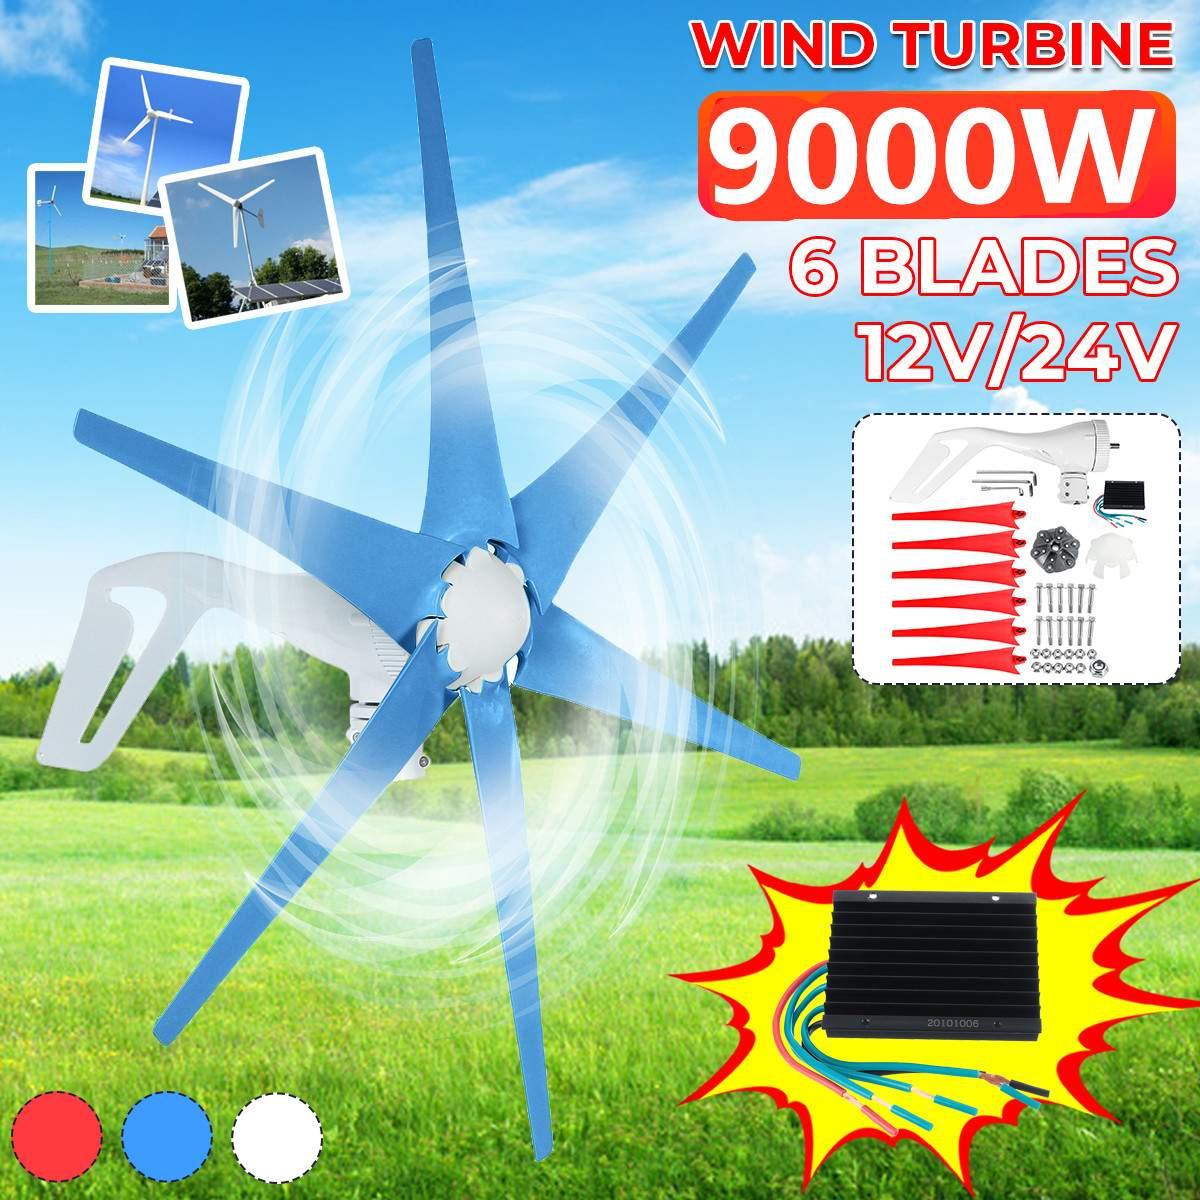 S2 9000 واط هوب نوع الرياح مولد تربيني 6 شفرة مع تحكم طاحونة توربينات الطاقة للمنزل مصباح الشارع قارب